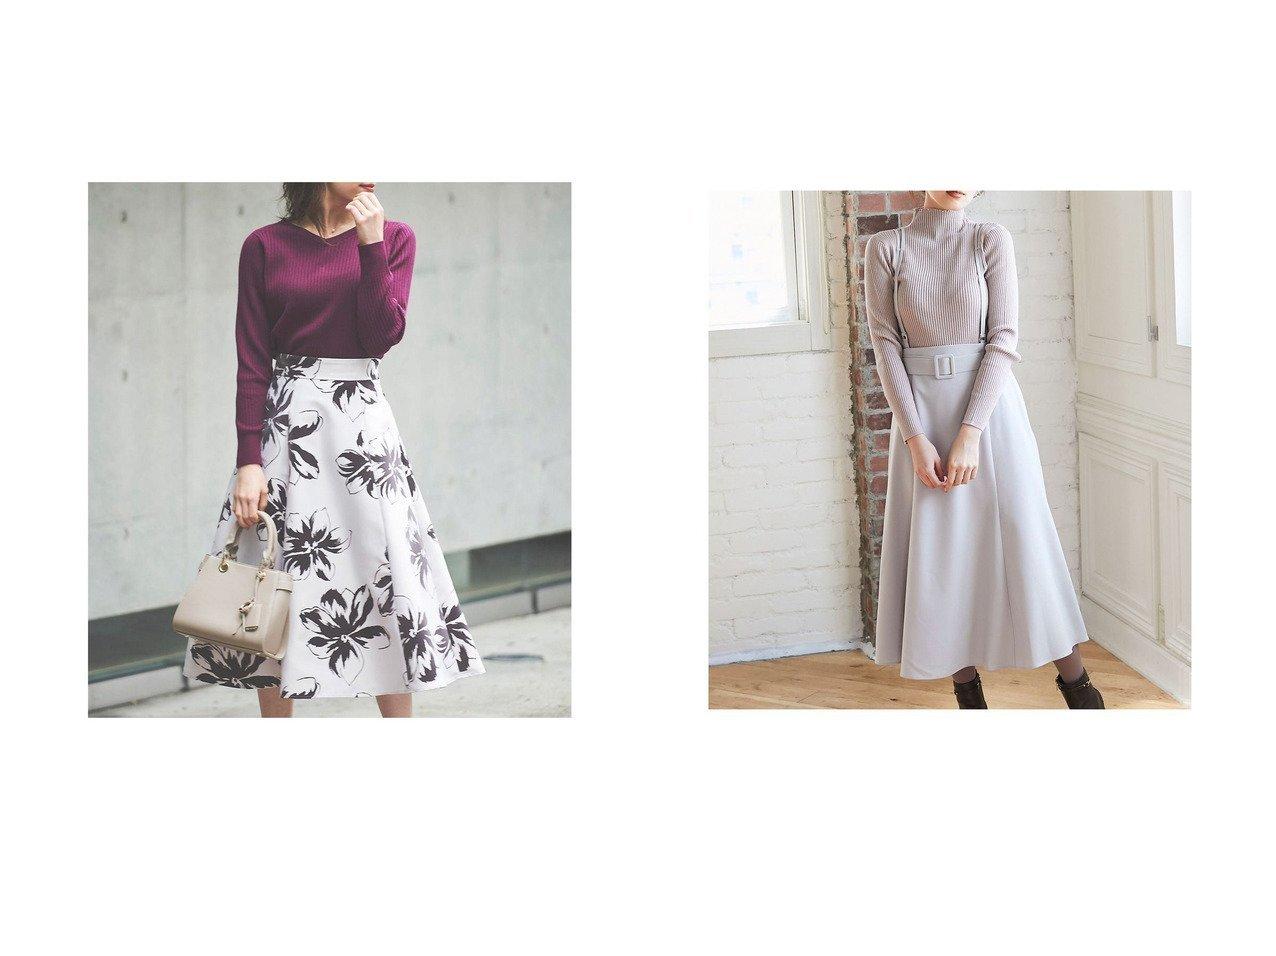 【Noela/ノエラ】のラインフラワーフロッキースカート&【12TWELVE AGENDA/トゥエルブ アジェンダ】の2wayサス付フレアスカート スカートのおすすめ!人気、レディースファッションの通販 おすすめで人気のファッション通販商品 インテリア・家具・キッズファッション・メンズファッション・レディースファッション・服の通販 founy(ファニー) https://founy.com/ ファッション Fashion レディース WOMEN スカート Skirt Aライン/フレアスカート Flared A-Line Skirts コンパクト サテン フィット フレア サスペンダー シンプル トレンド ハイネック ミモレ  ID:crp329100000002703